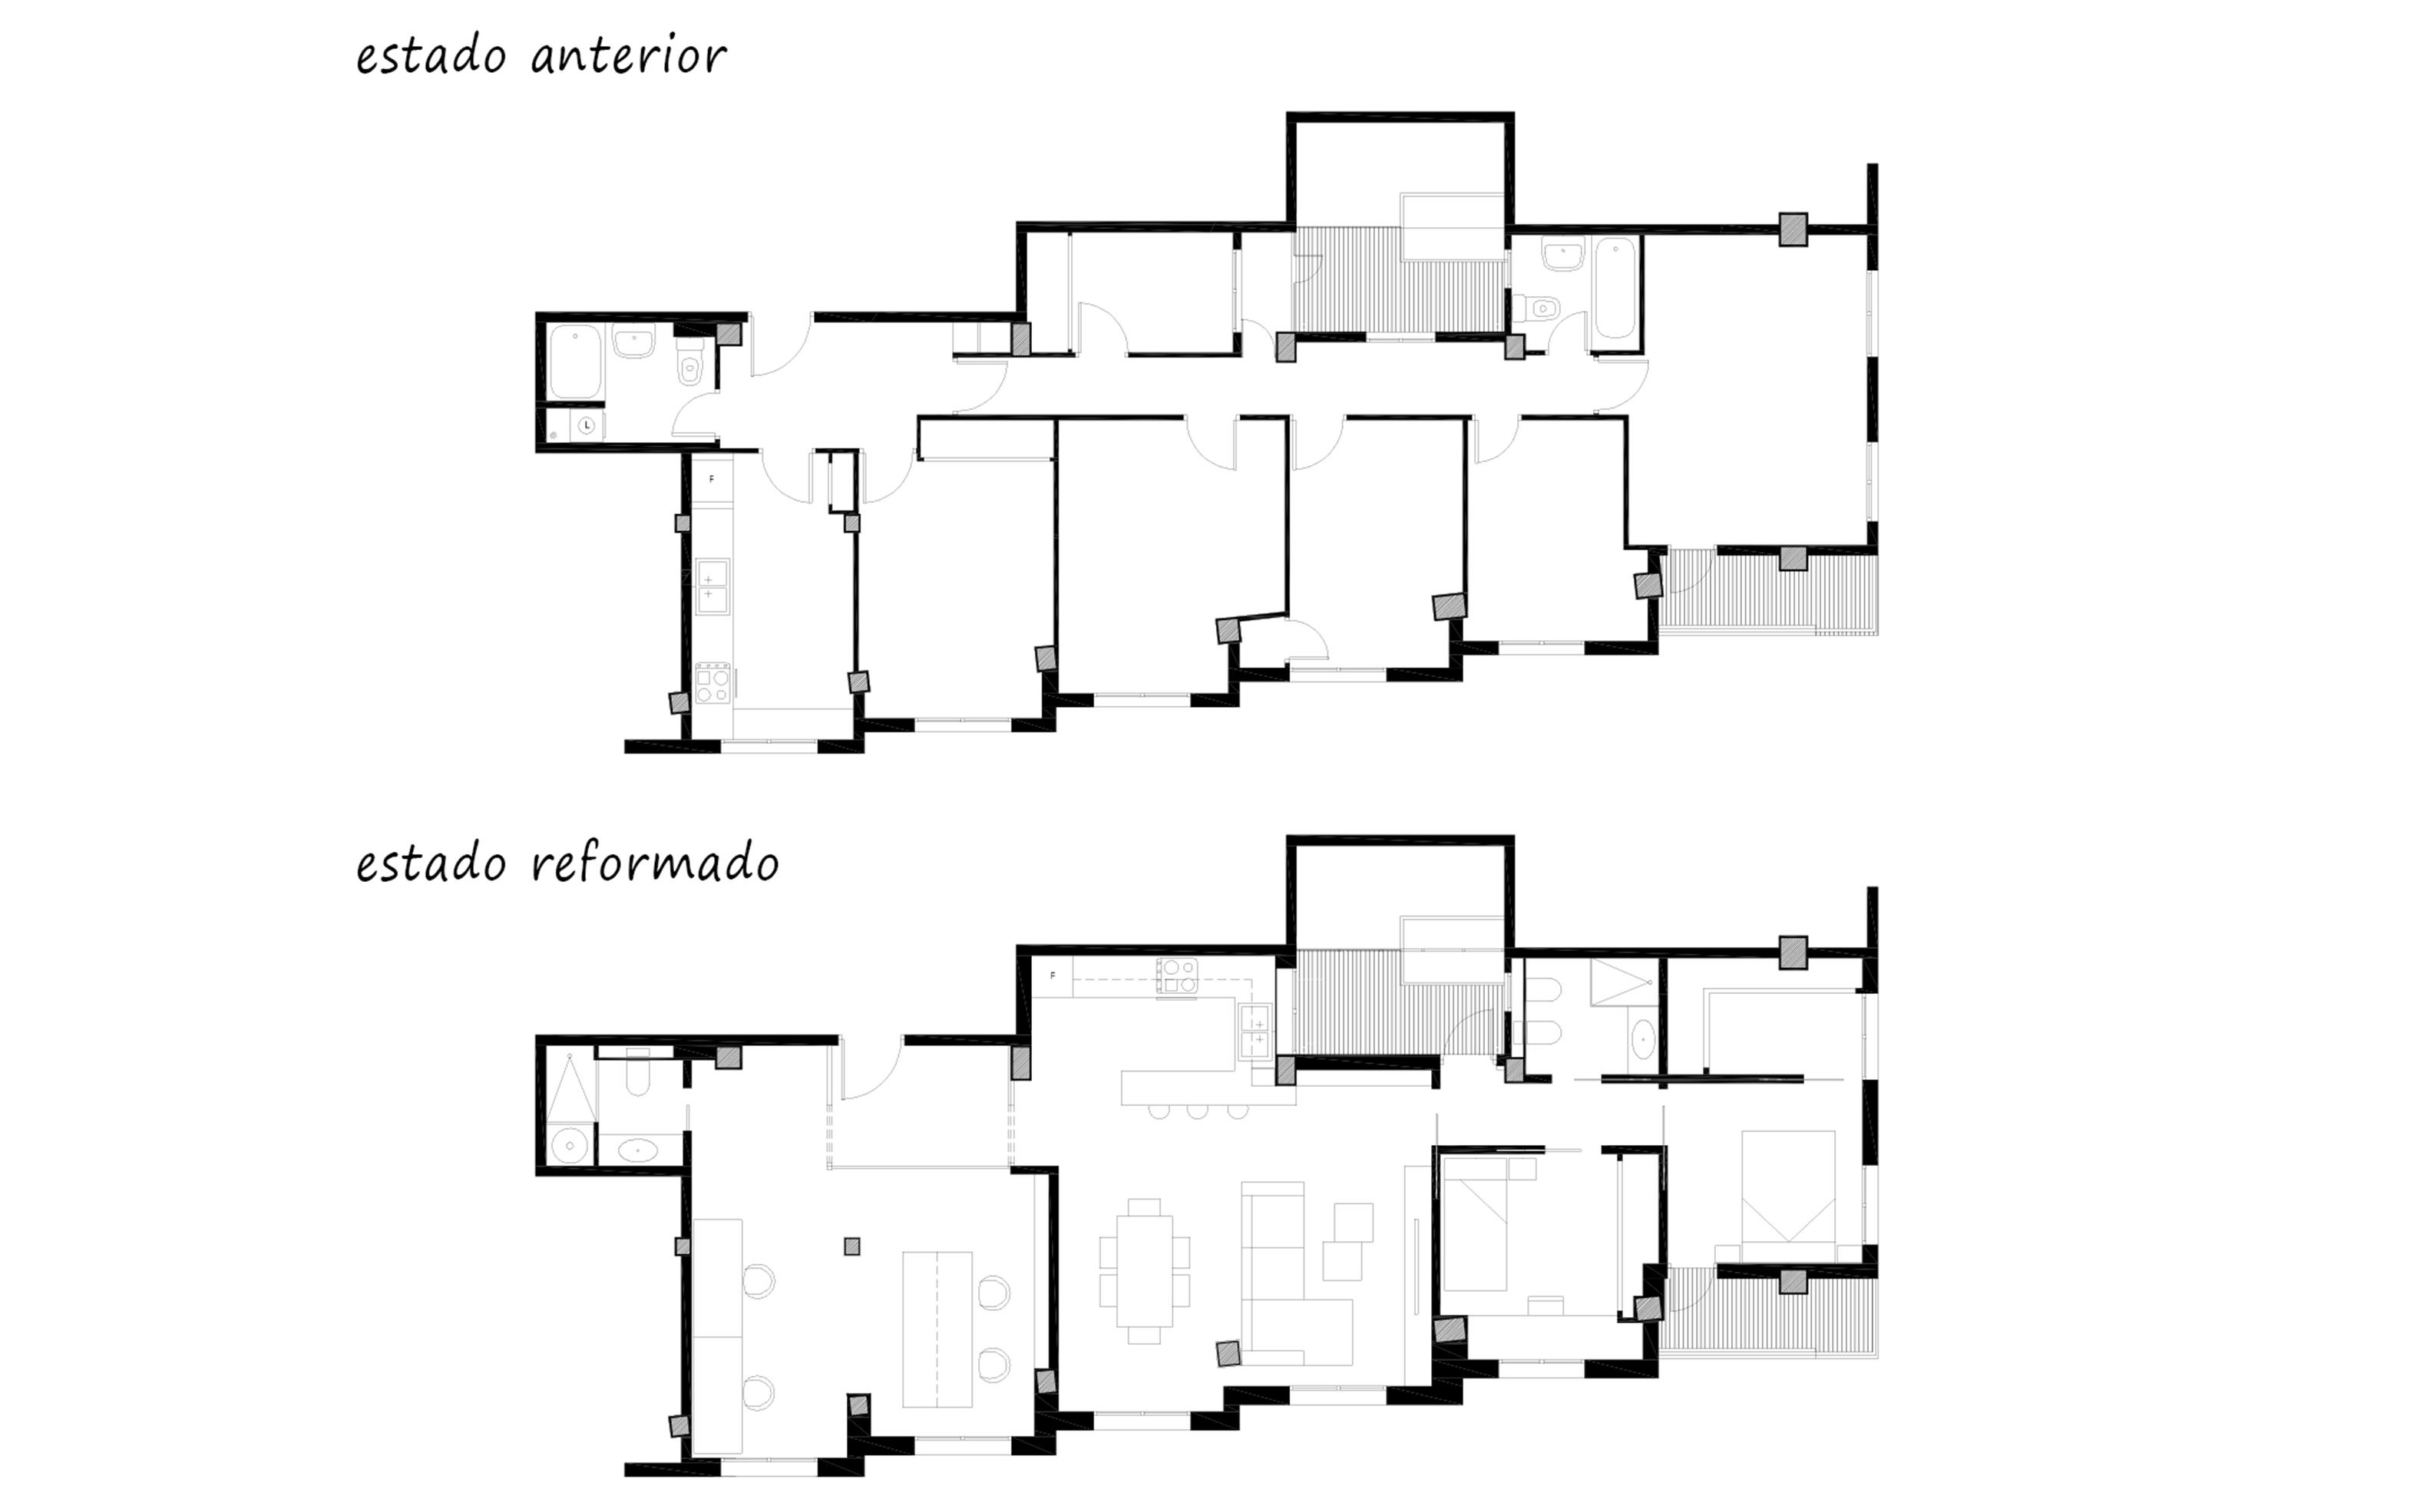 planos_centro_1600x1000